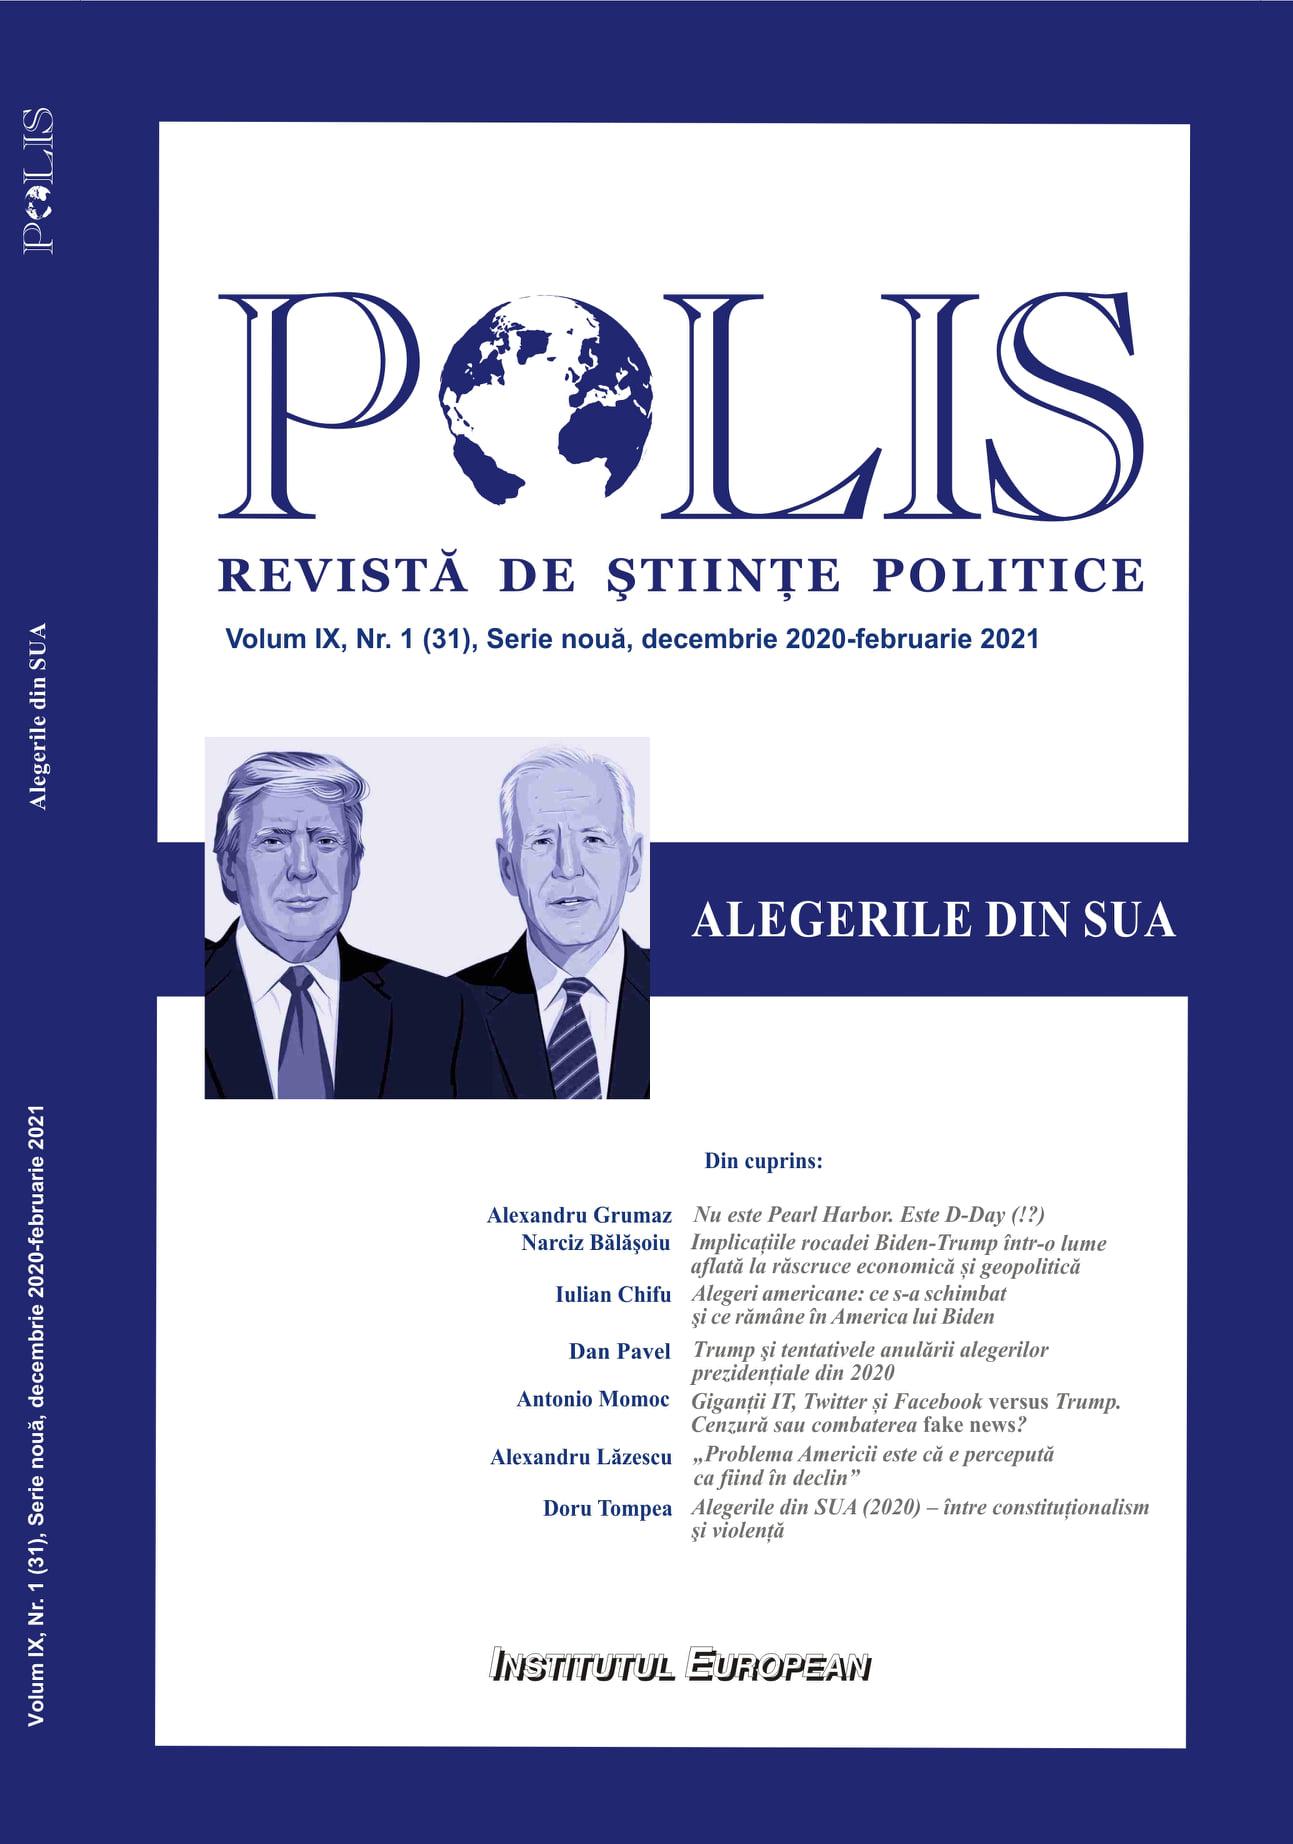 """""""Alegerile din SUA"""" în Polis: platformele digitale, Twitter & Facebook, contra Trump"""